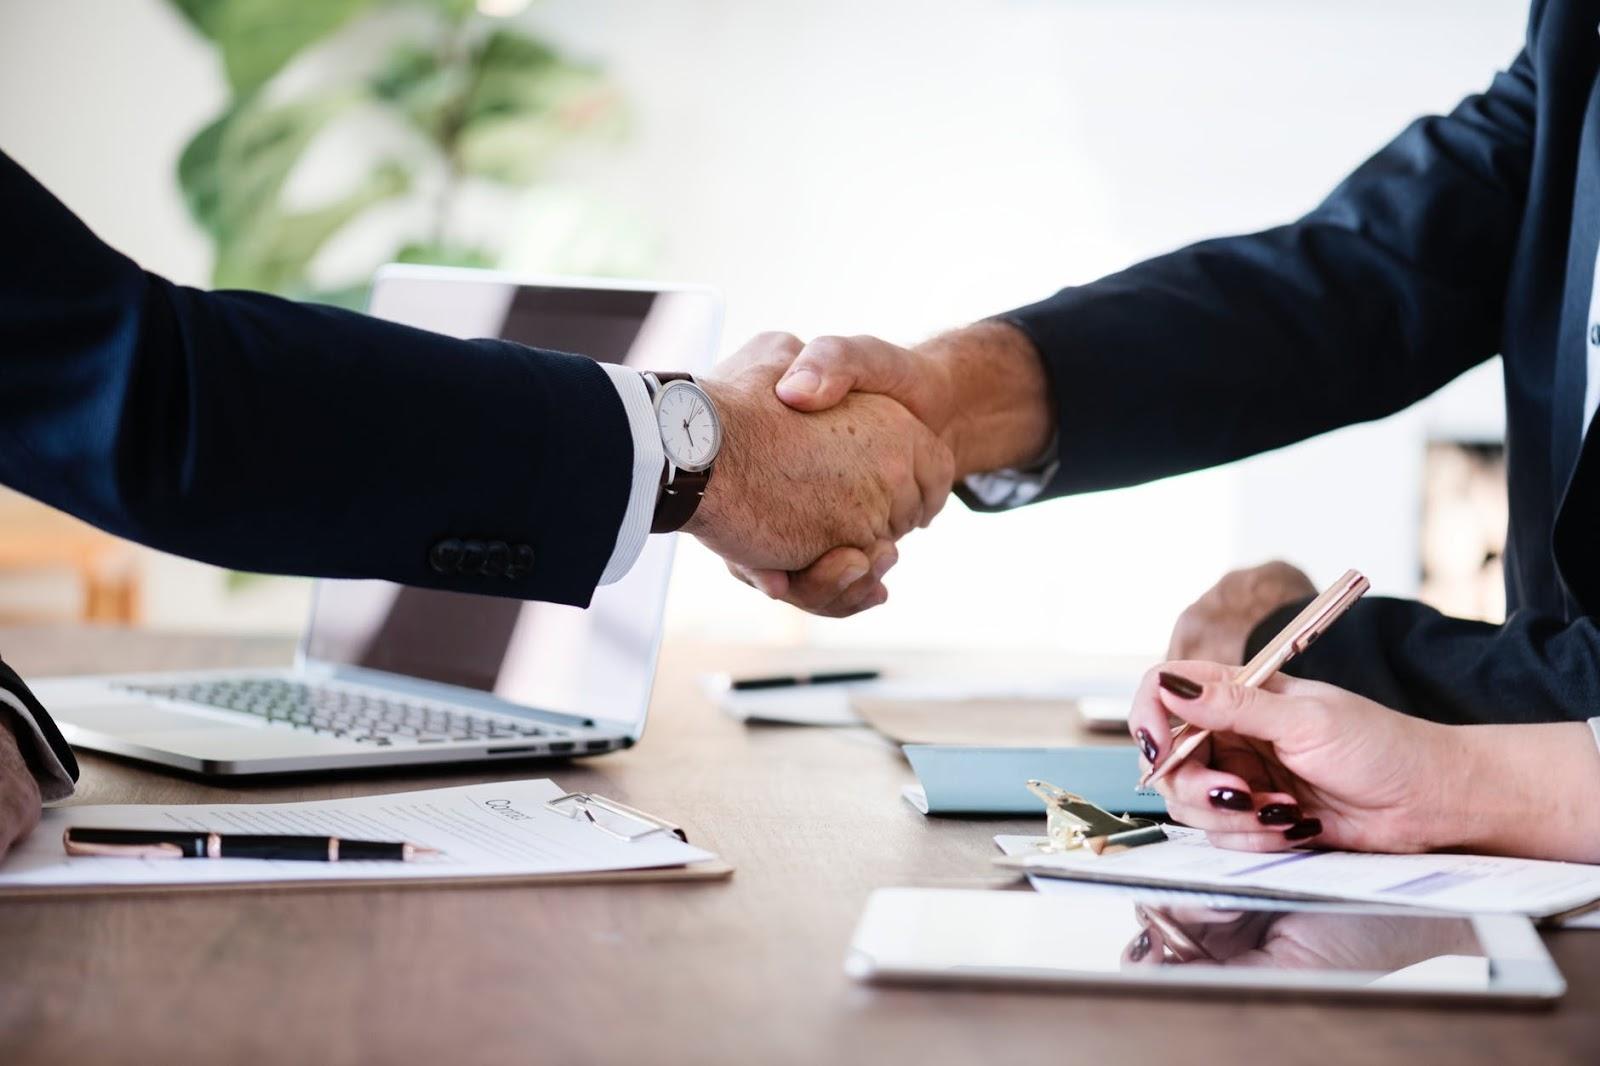 DigiCert completa la compra de QuoVadis, expande su presencia en Europa y la oferta de TLS y PKI